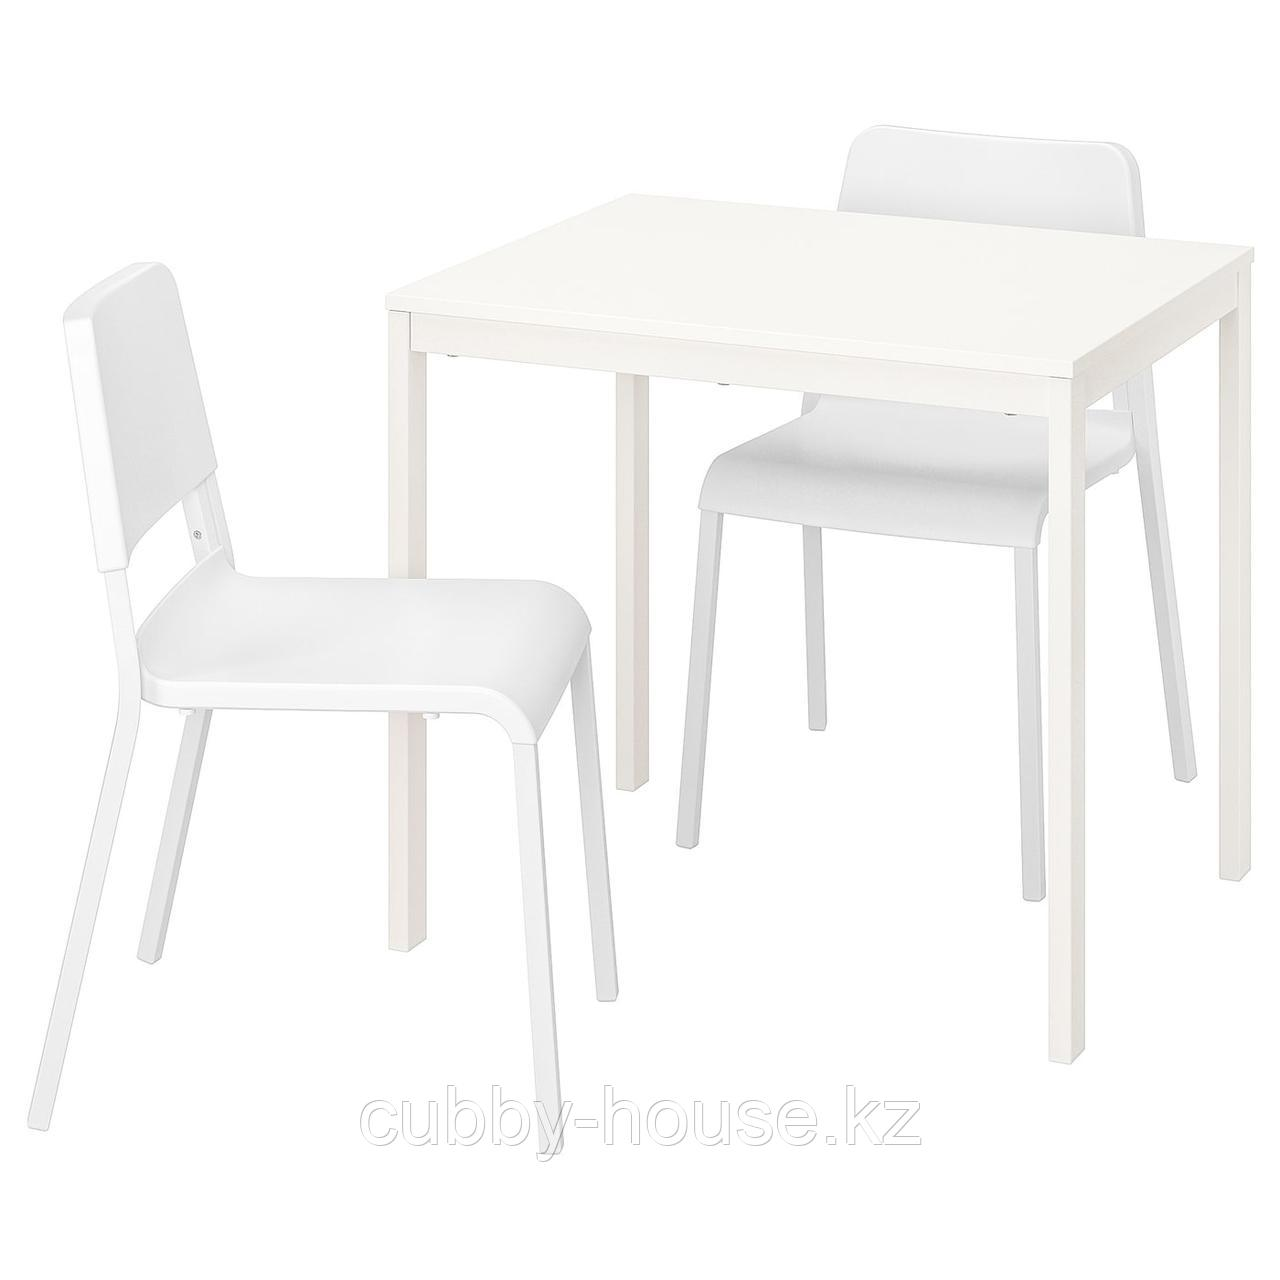 ВАНГСТА / ТЕОДОРЕС Стол и 2 стула, белый, белый, 80/120 см